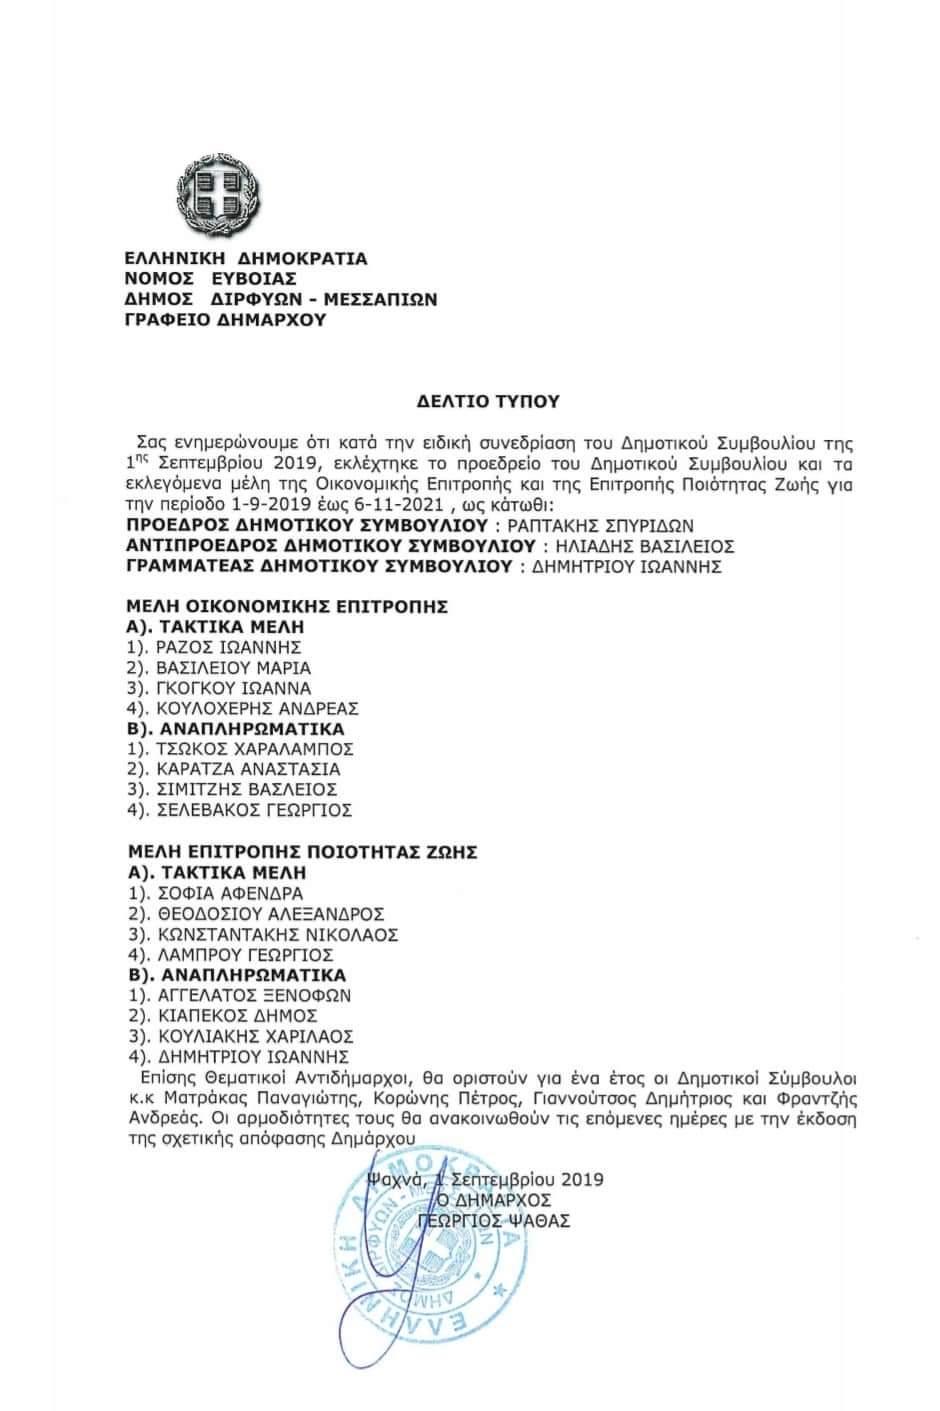 Νέος Πρόεδρος Δημοτικού συμβουλίου ο Σπύρος Ραπτάκης.Νέοι Αντιδήμαρχοι οι Ανδρέας Φρατζής και Δημήτρης Γιαννούτσος received 469386523669496